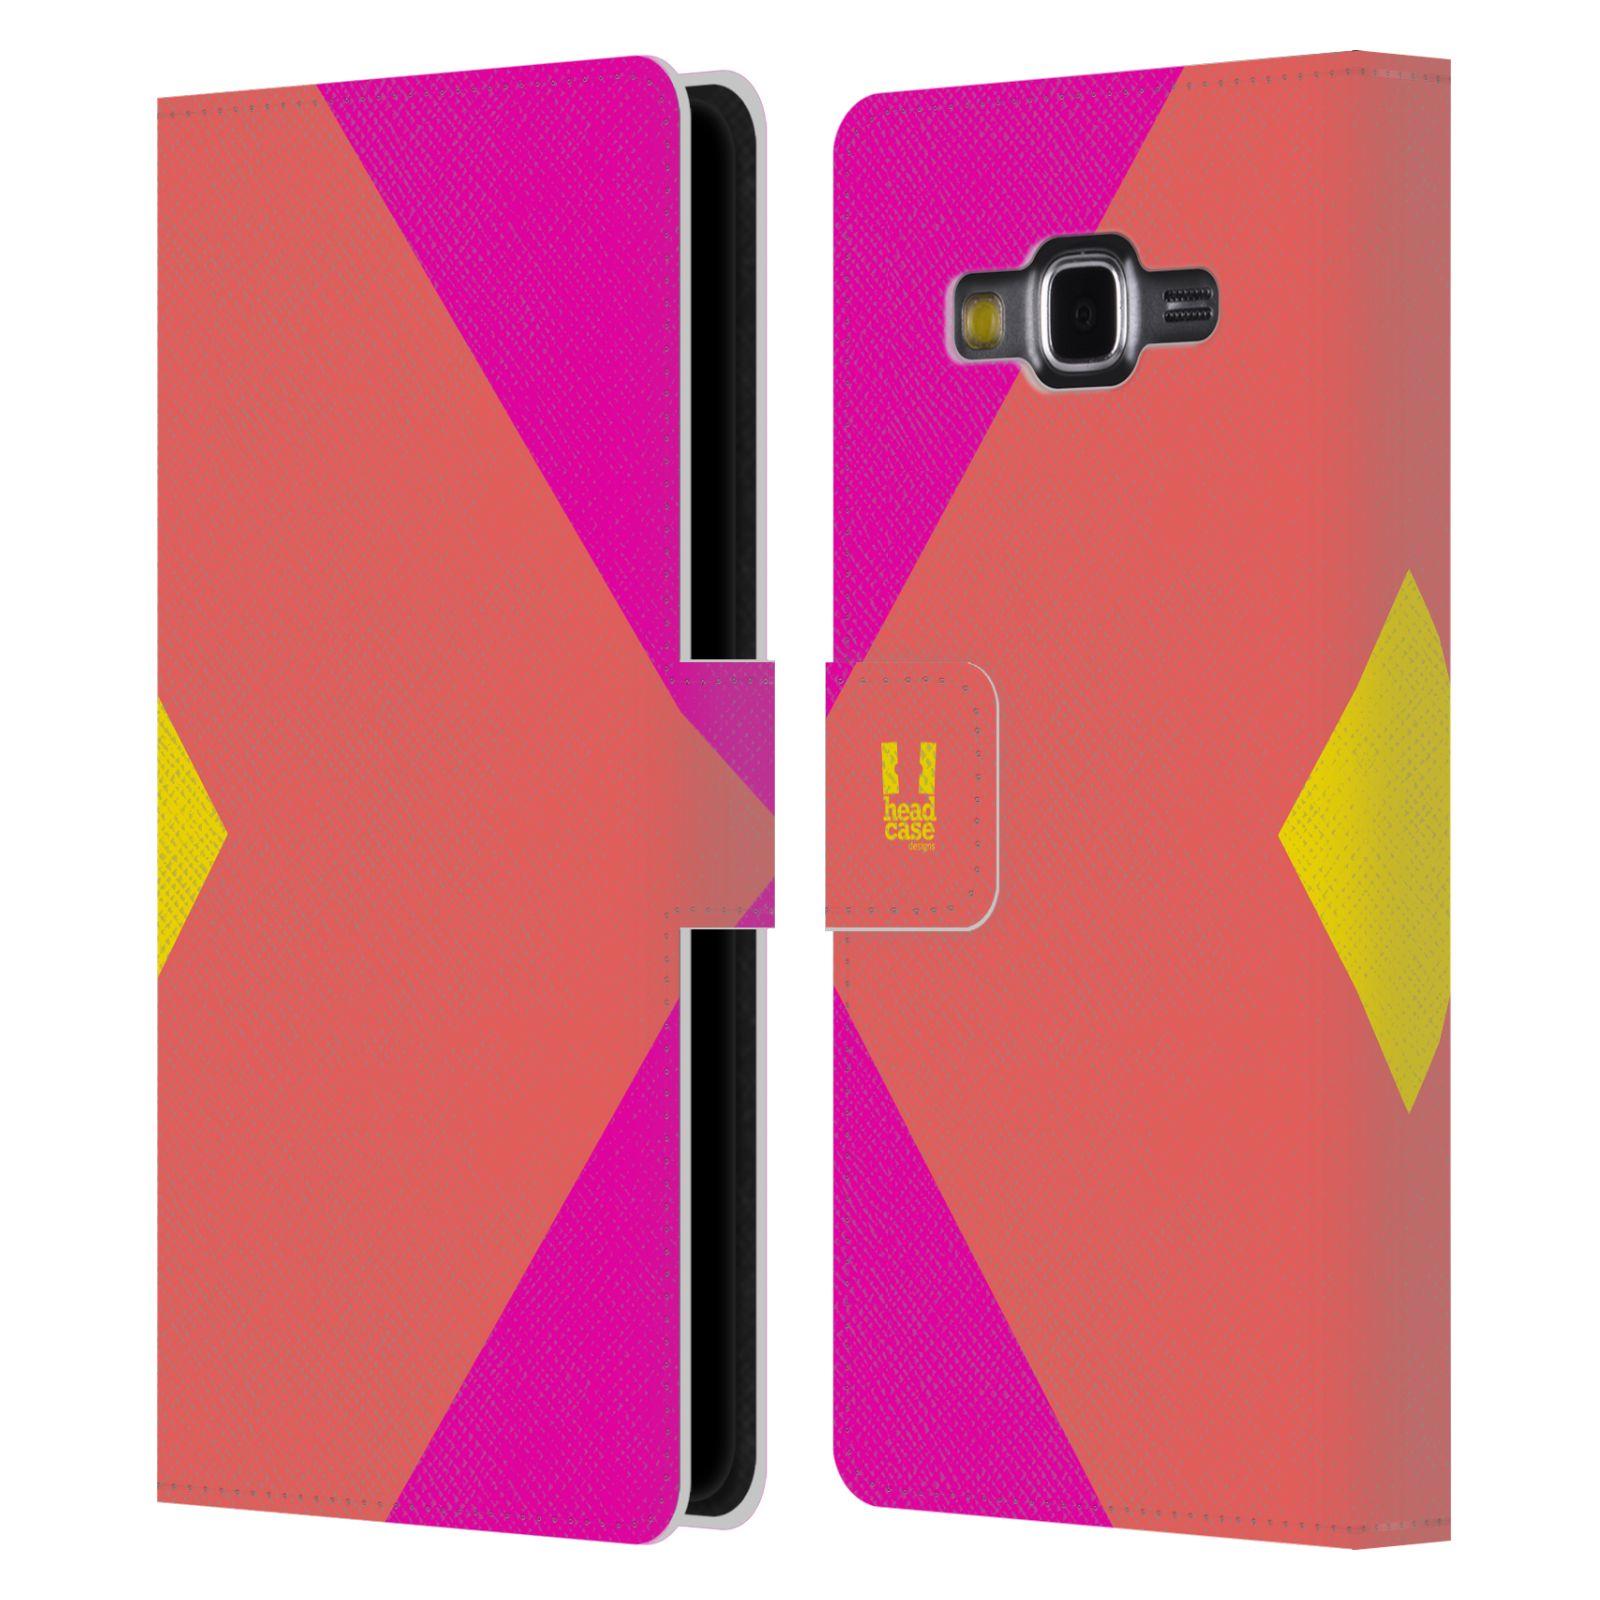 HEAD CASE Flipové pouzdro pro mobil Samsung Galaxy Grand Prime barevné tvary růžová korál